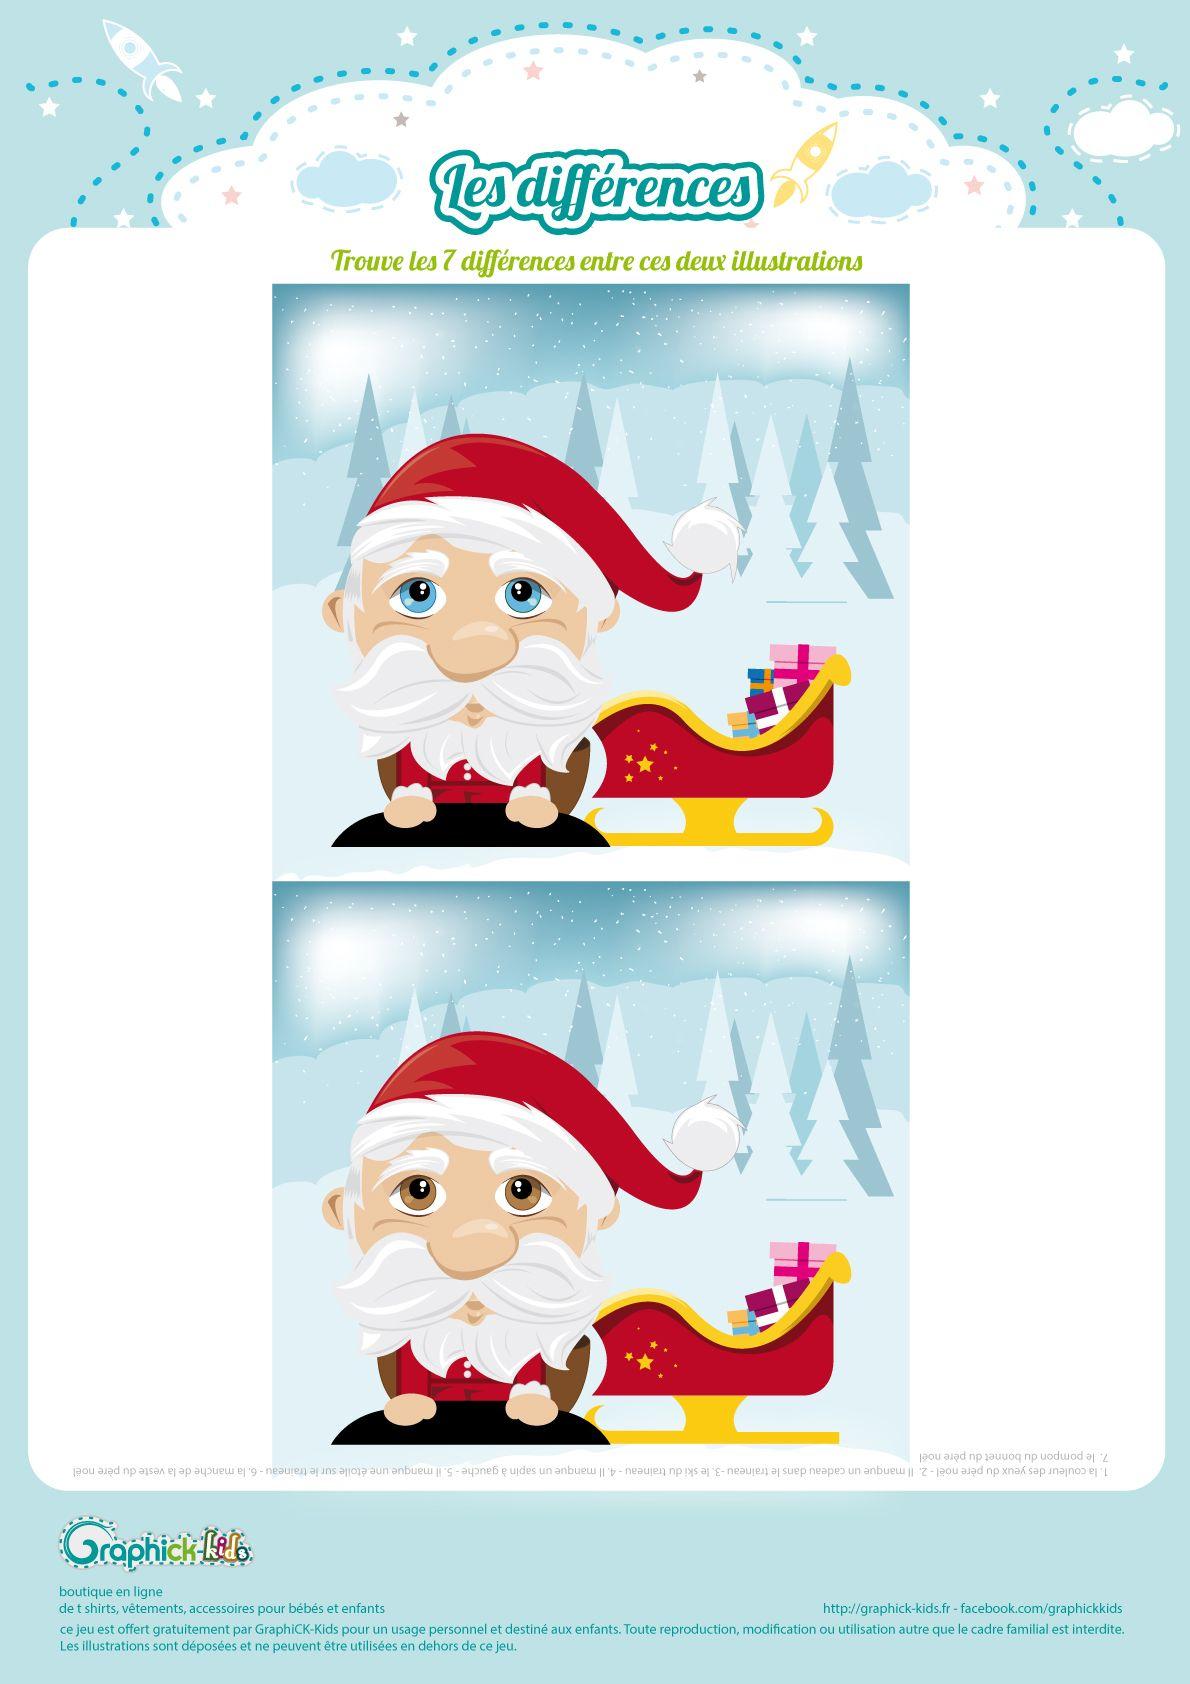 L'activité Du Mercredi : Les Différences Du Père Noël | Jeux à Jeux Des 7 Différences Gratuit